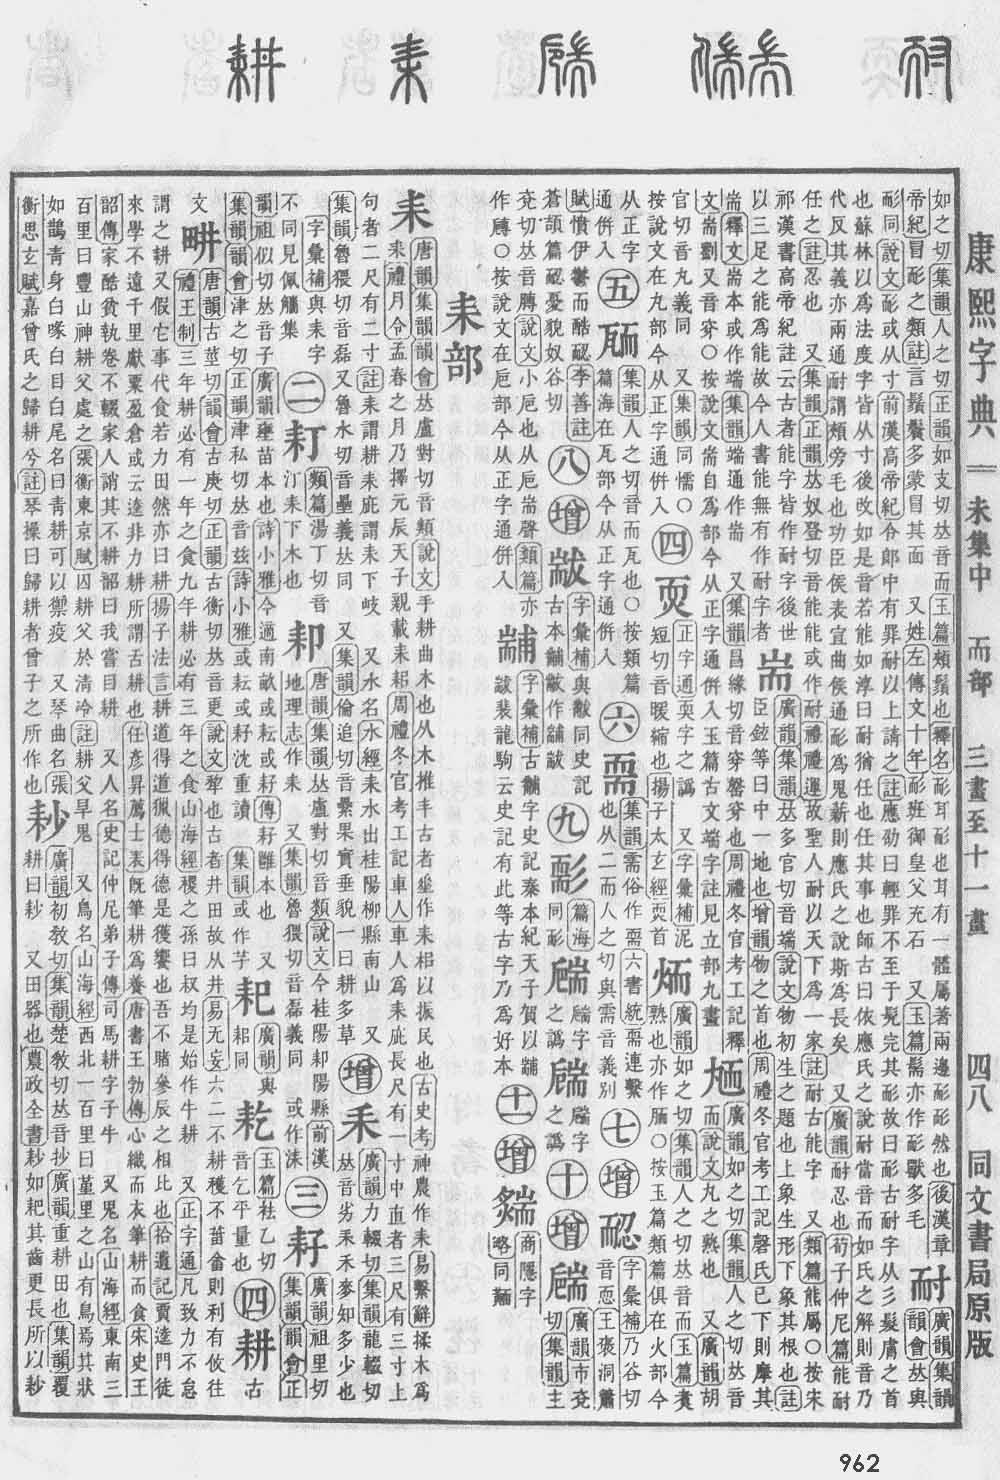 《康熙字典》第962页